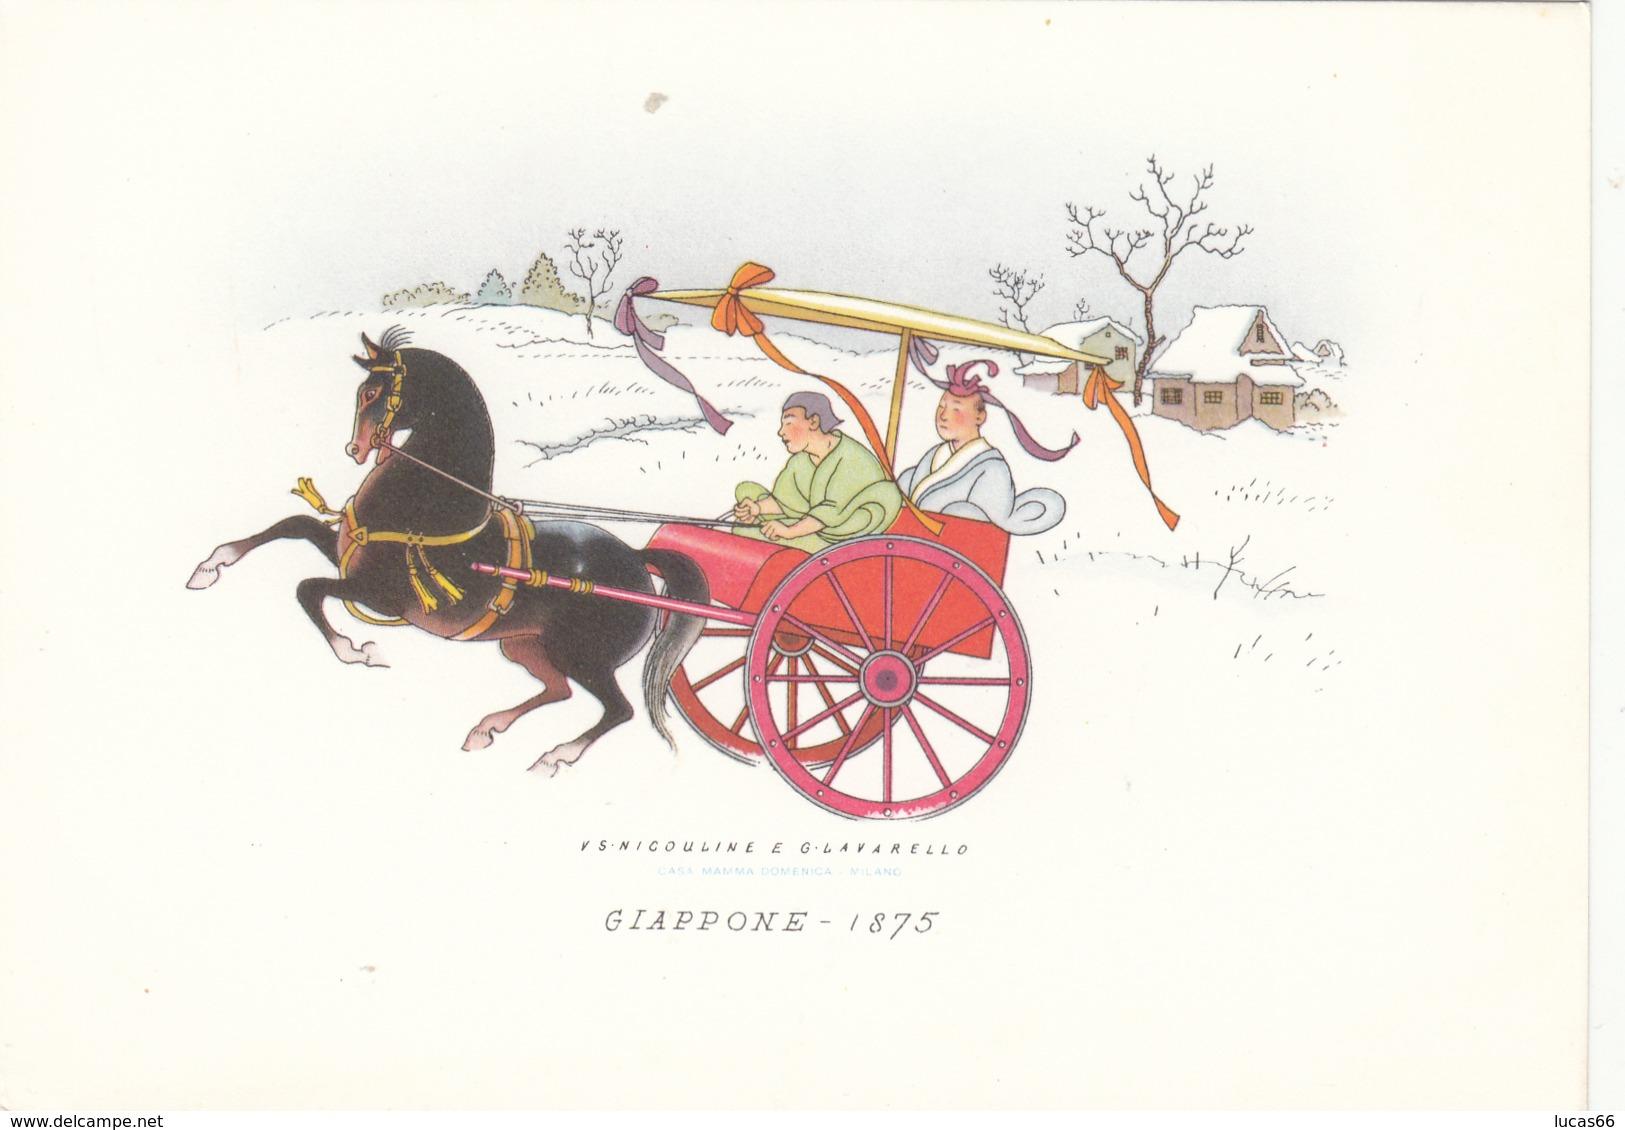 Carrozze Di Tutto Il Mondo - Giappone 1875 - Cartoline